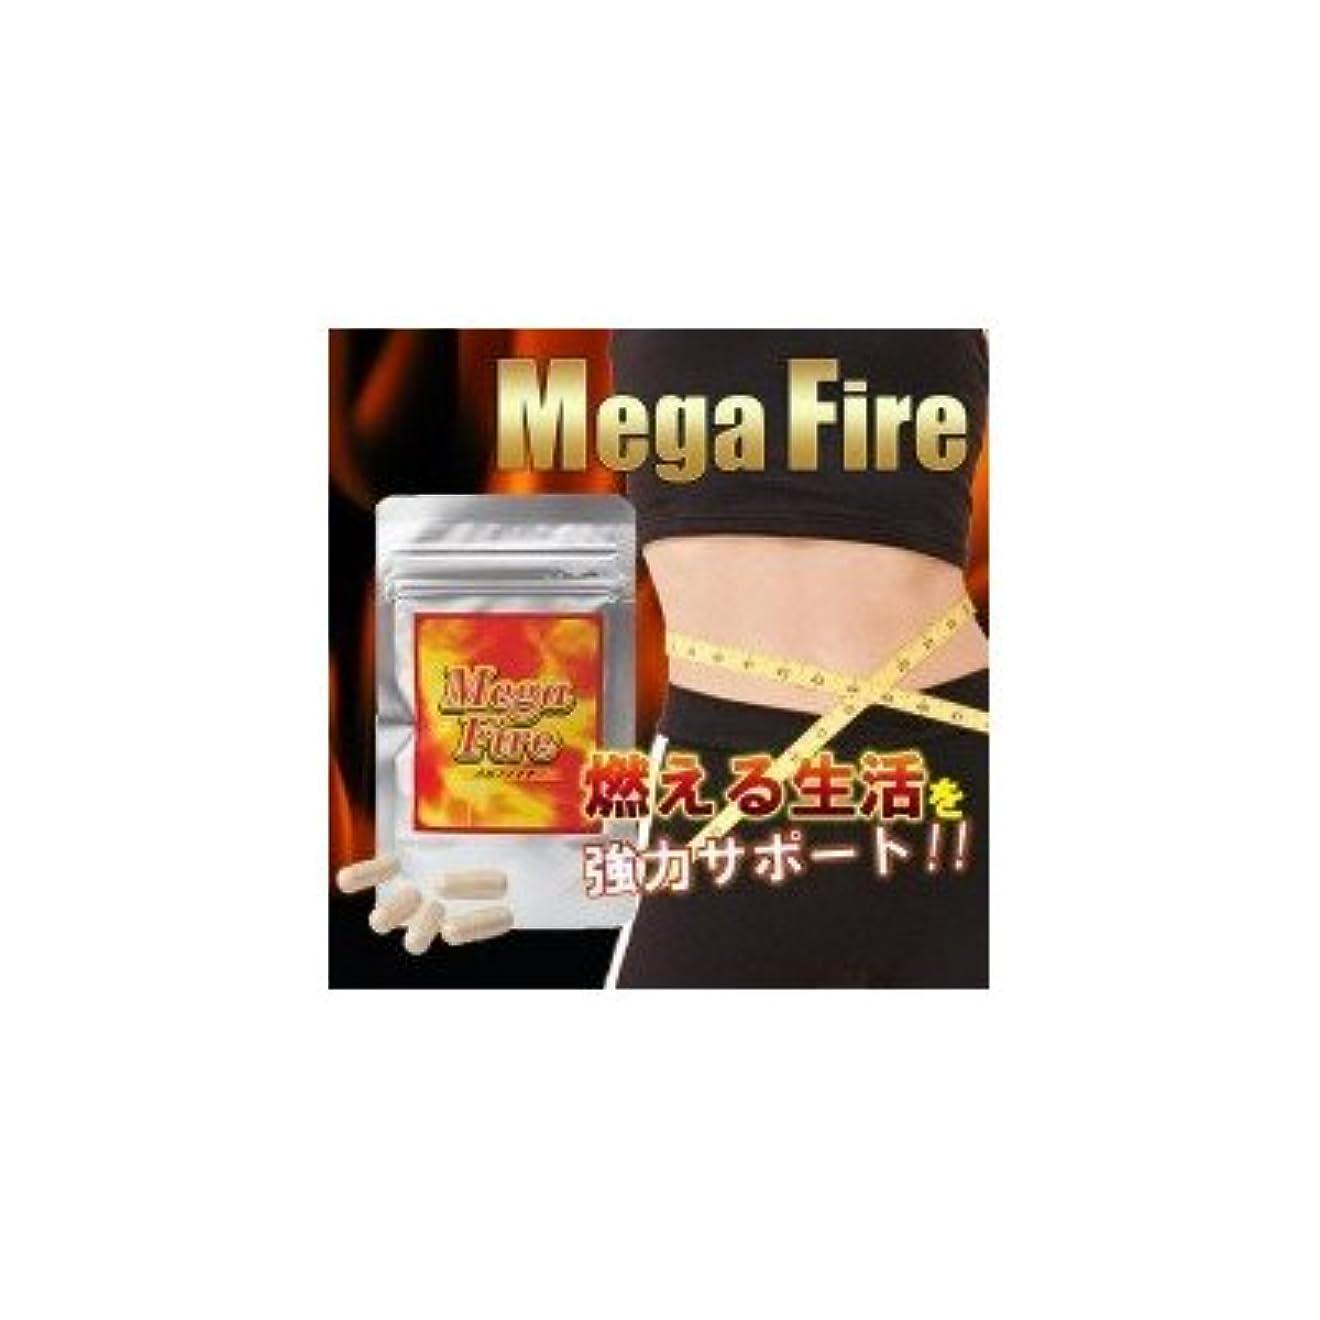 栄光の出会いセットするMega-Fire(メガファイア) 13.9g(377mg(1粒内容量300mg)×37カプセル)